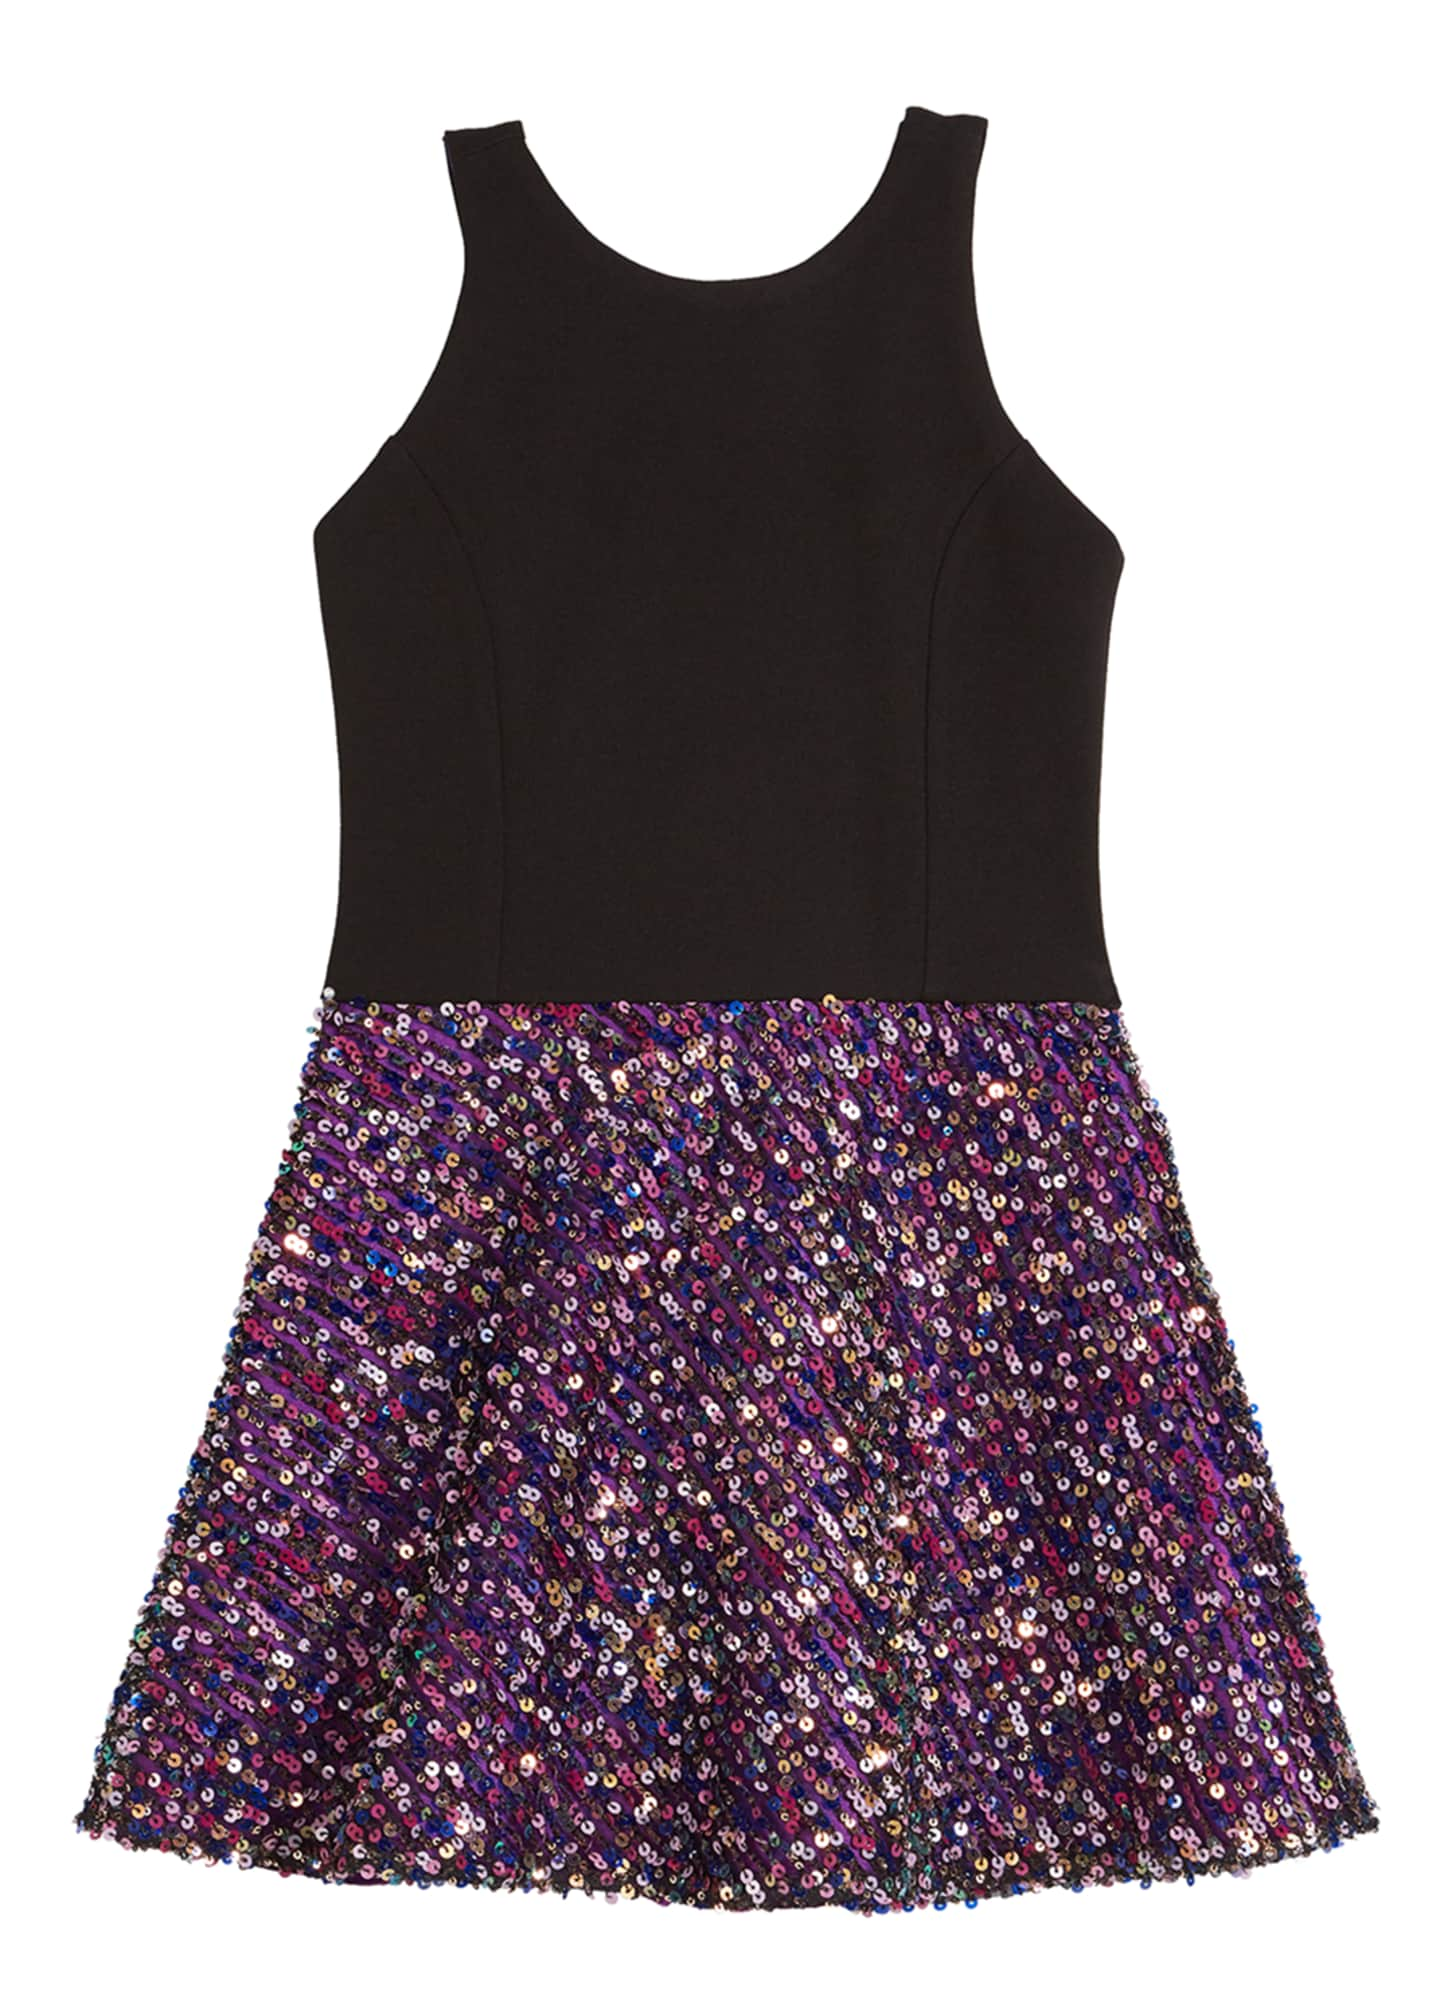 Zoe Girl's Lula Sequin Skater Dress w/ Knit